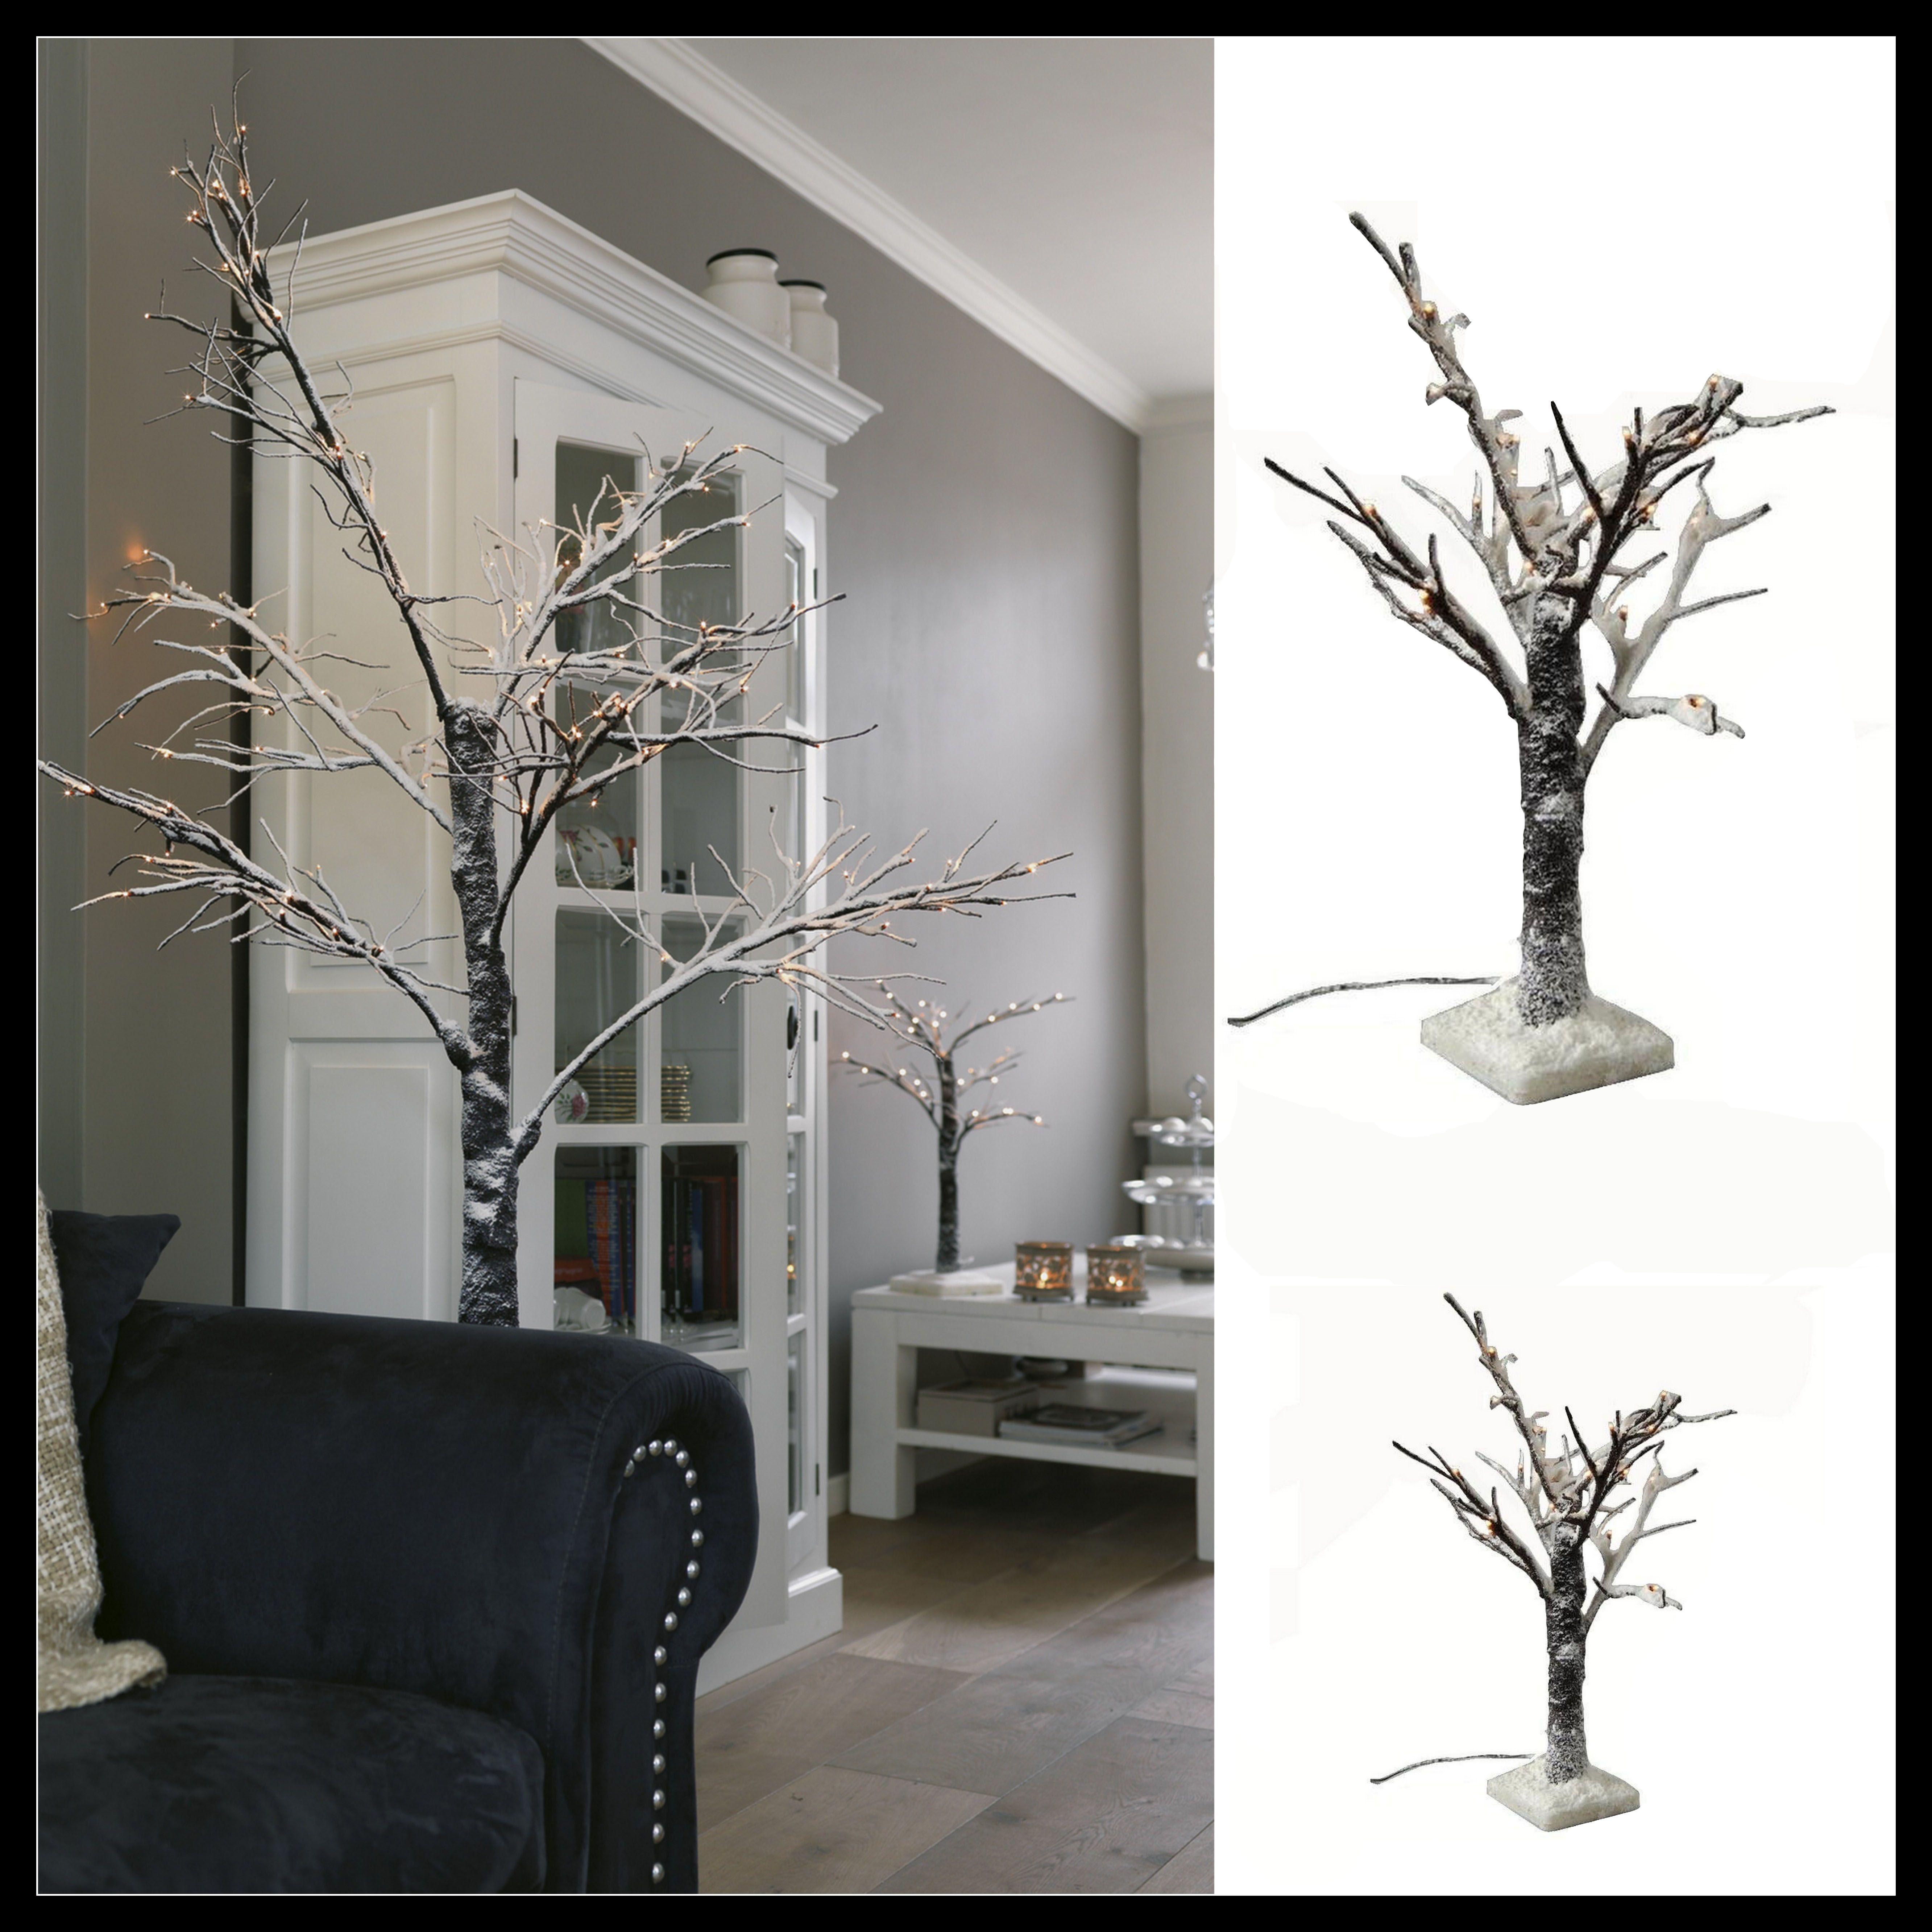 Rbol de navidad original rbol efecto ramas secas sin for Arbol artificial decoracion